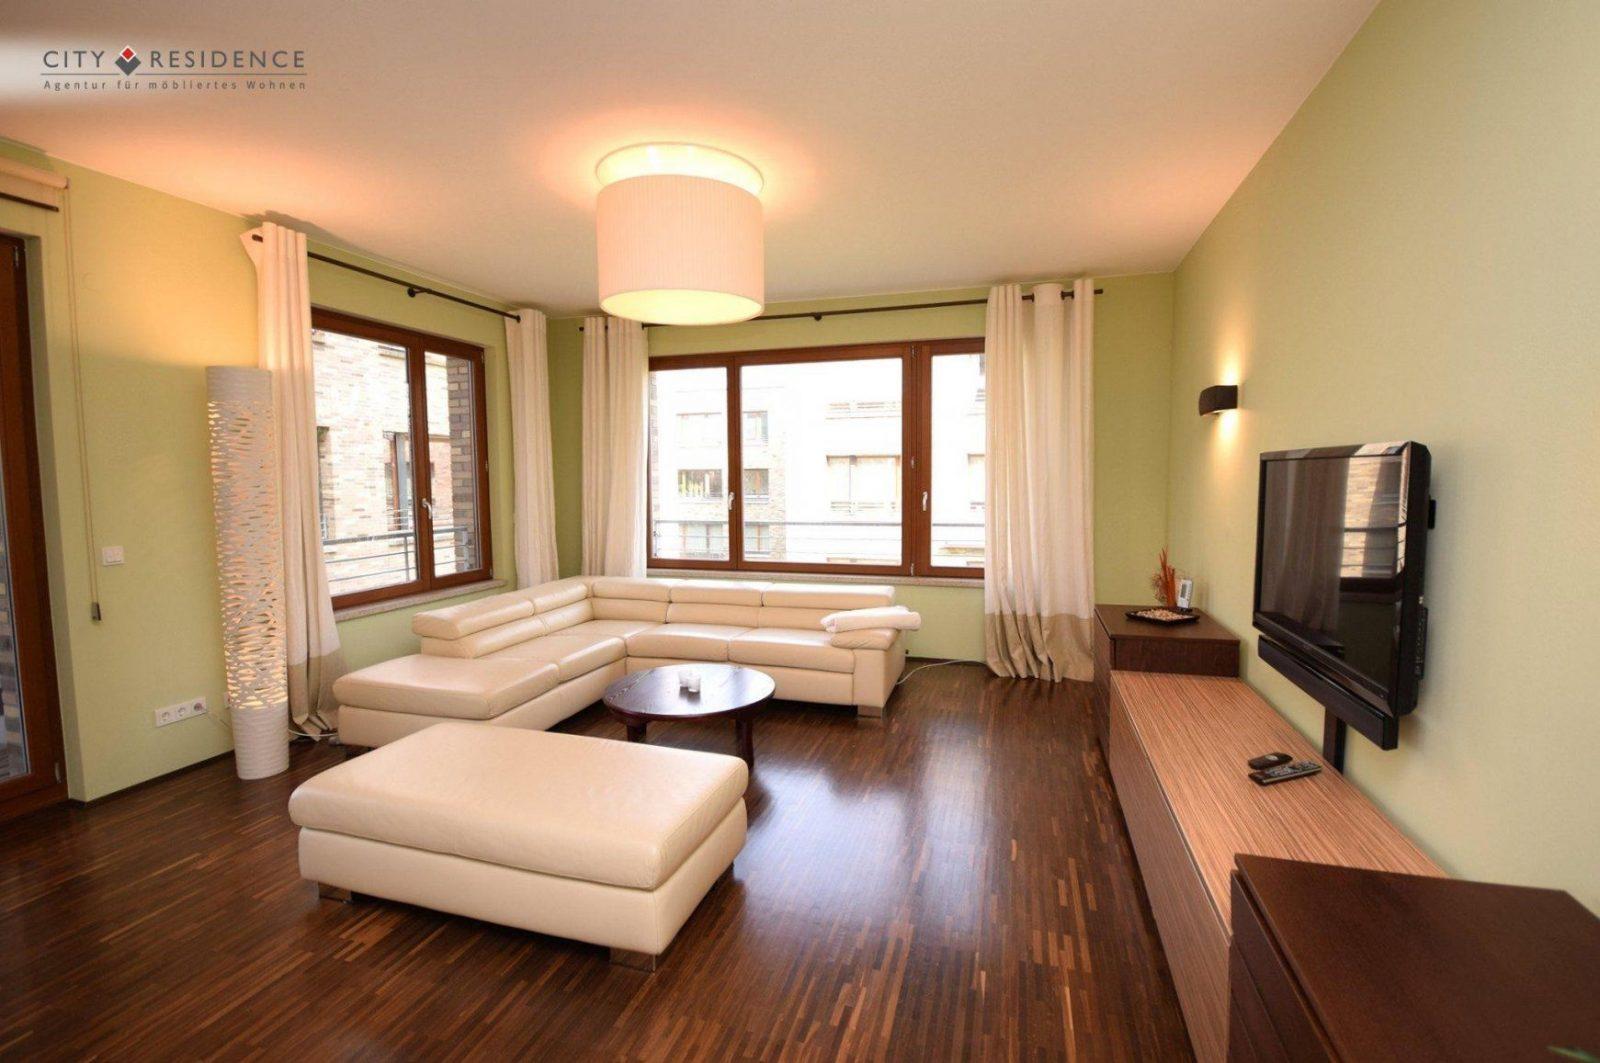 Wohnung Mieten Ohne Provision Stuttgart  Beste Sammlung Von Möbel von Wohnung Mieten Ohne Provision Photo